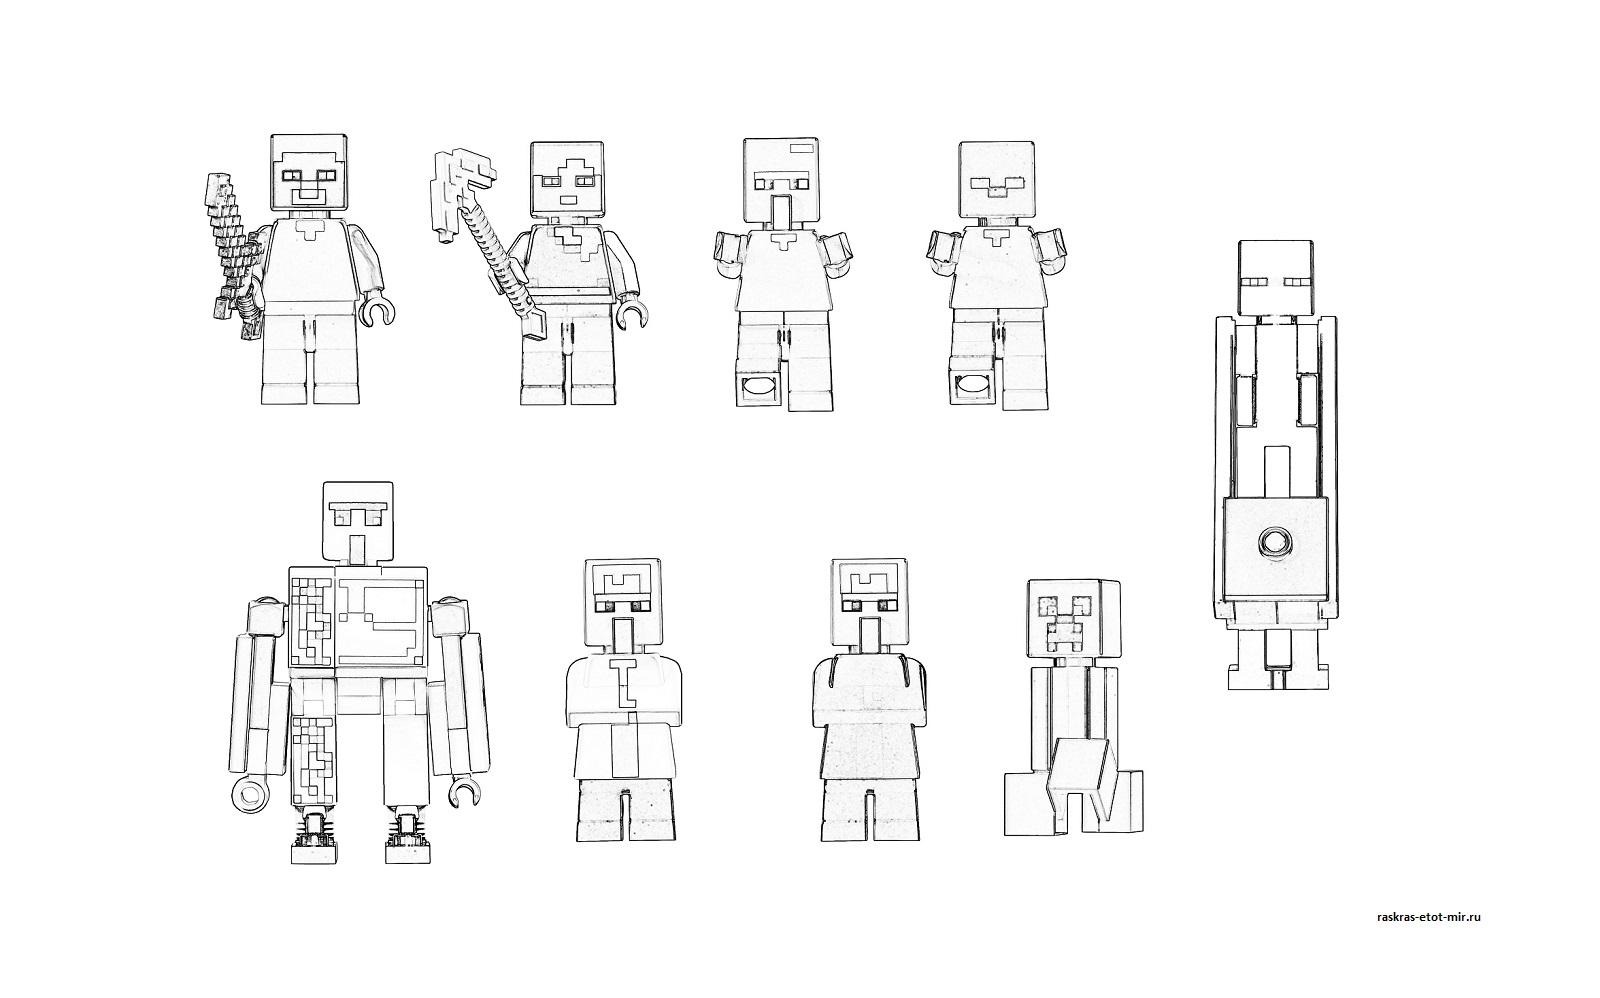 Лего майнкрафт раскраска распечатать бесплатно - Minecraft ...